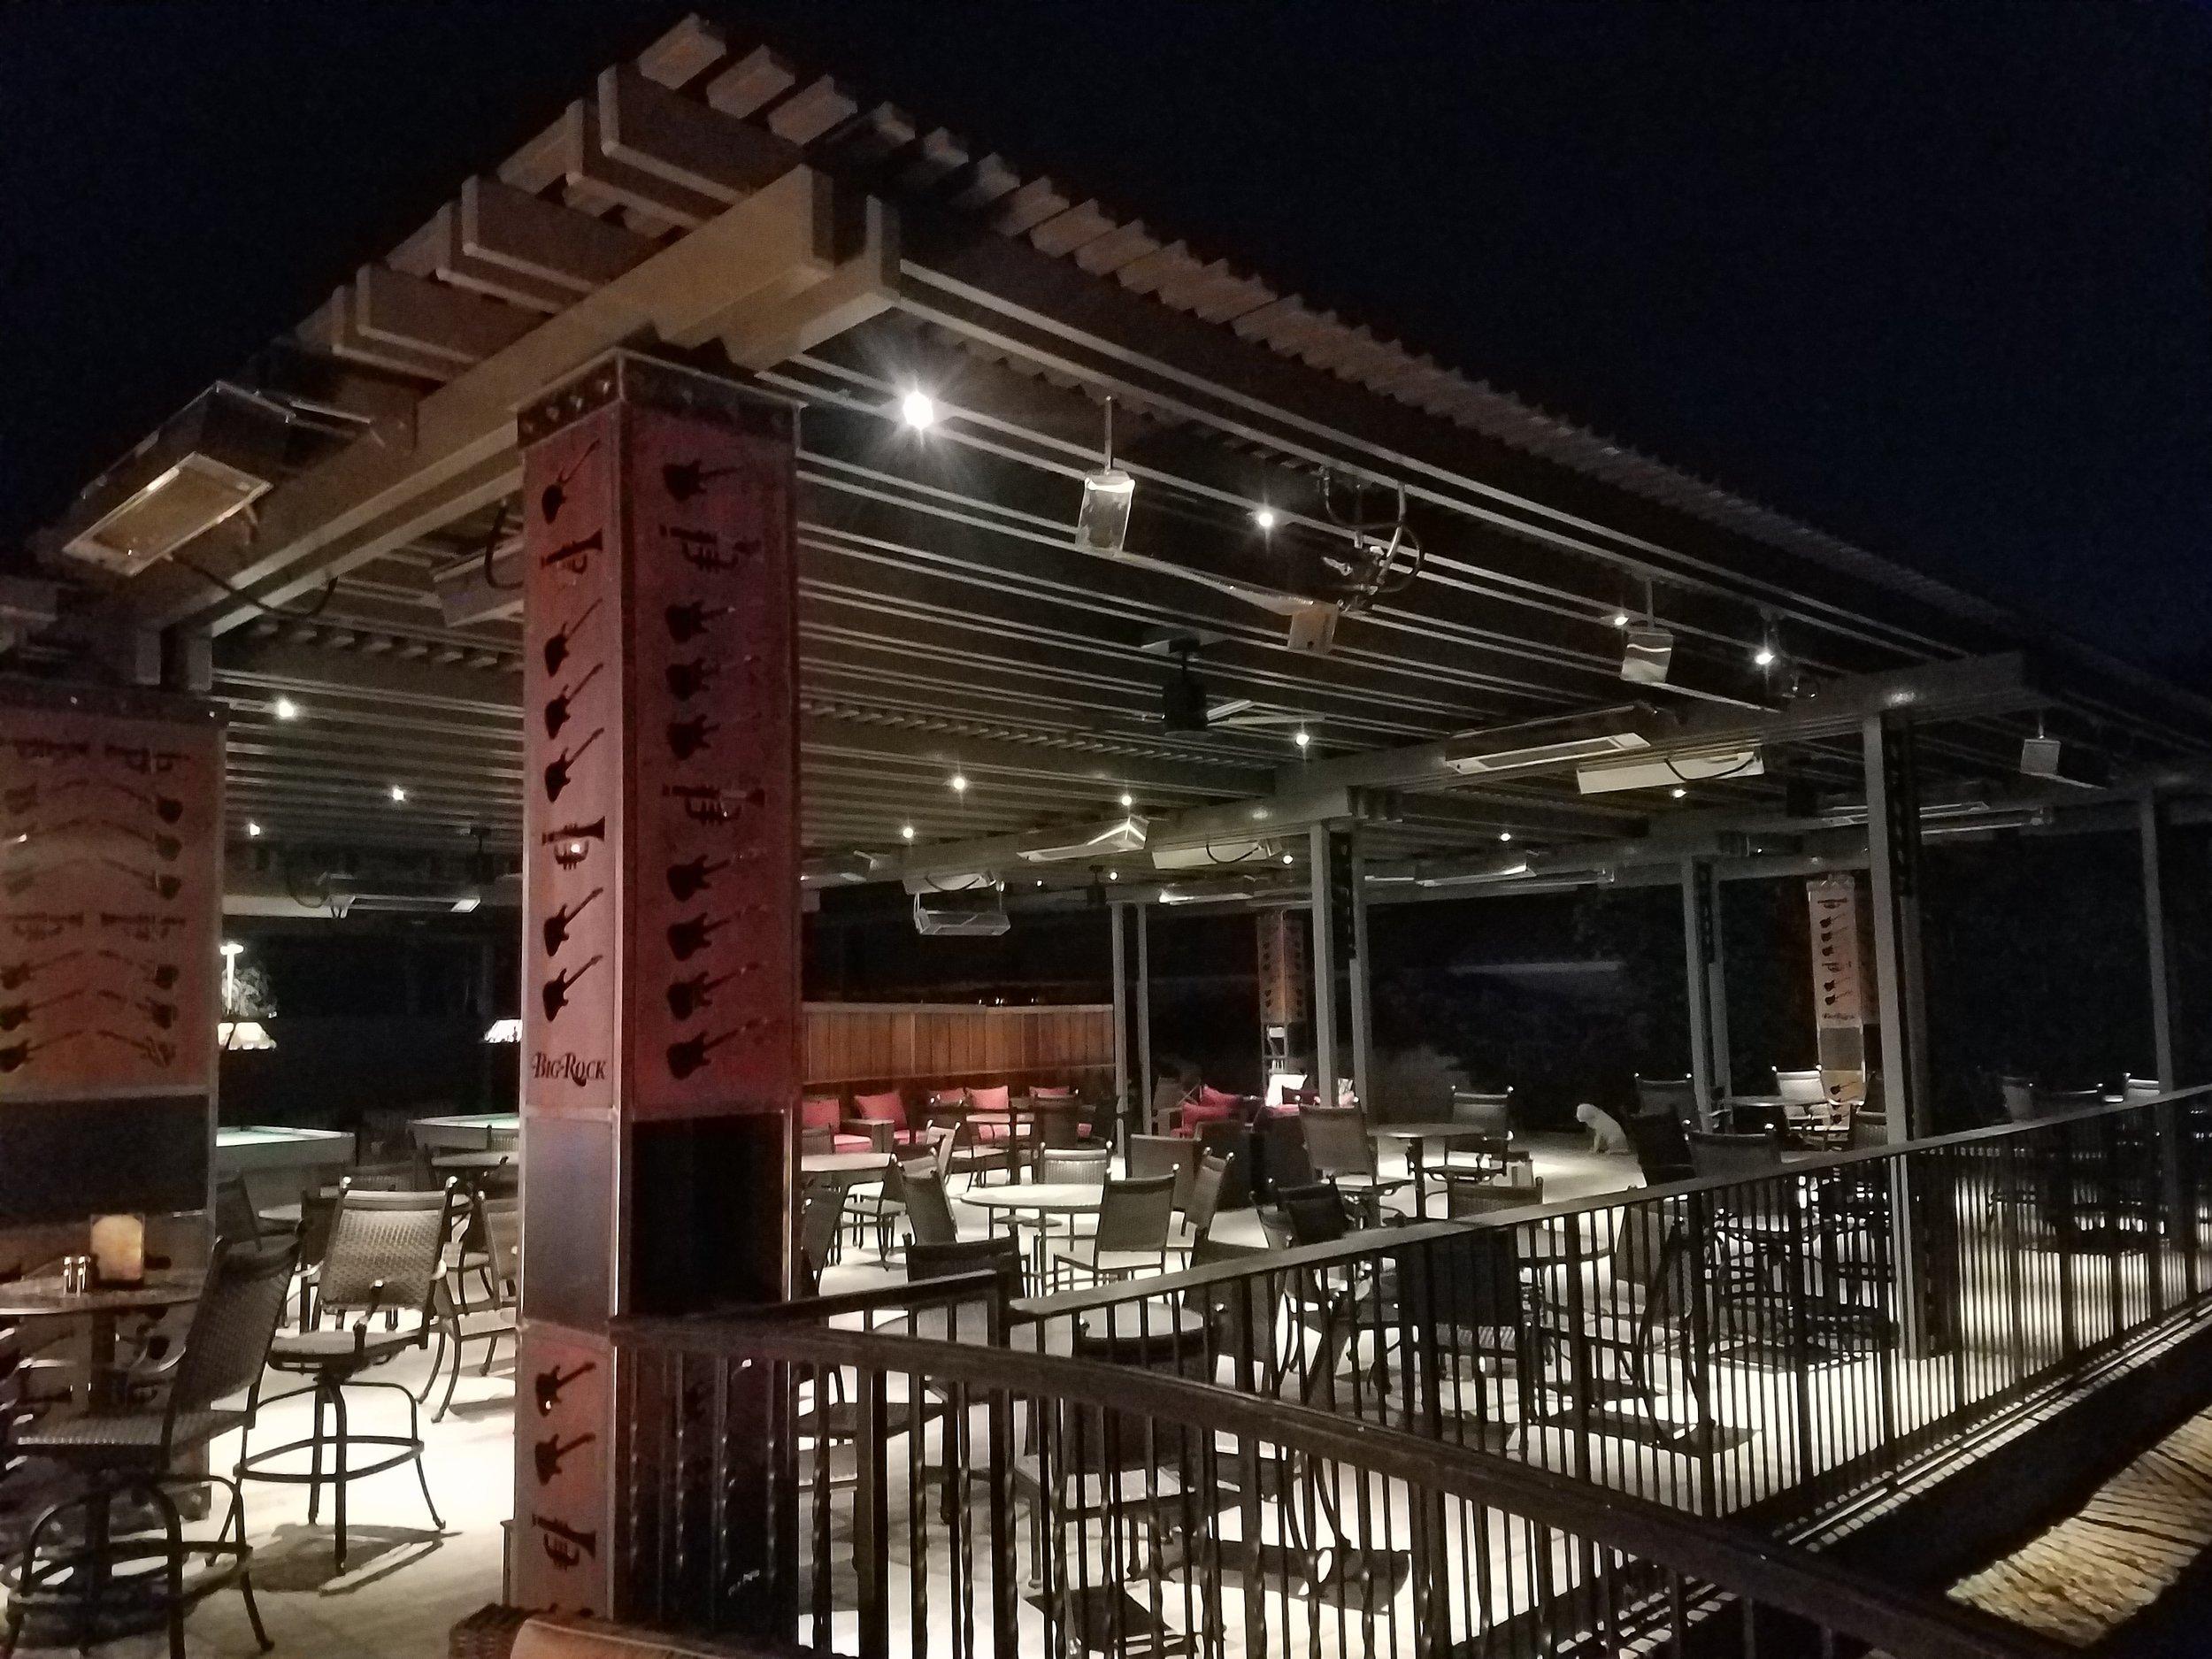 Big Rock Pub in Indio lattice patio structure